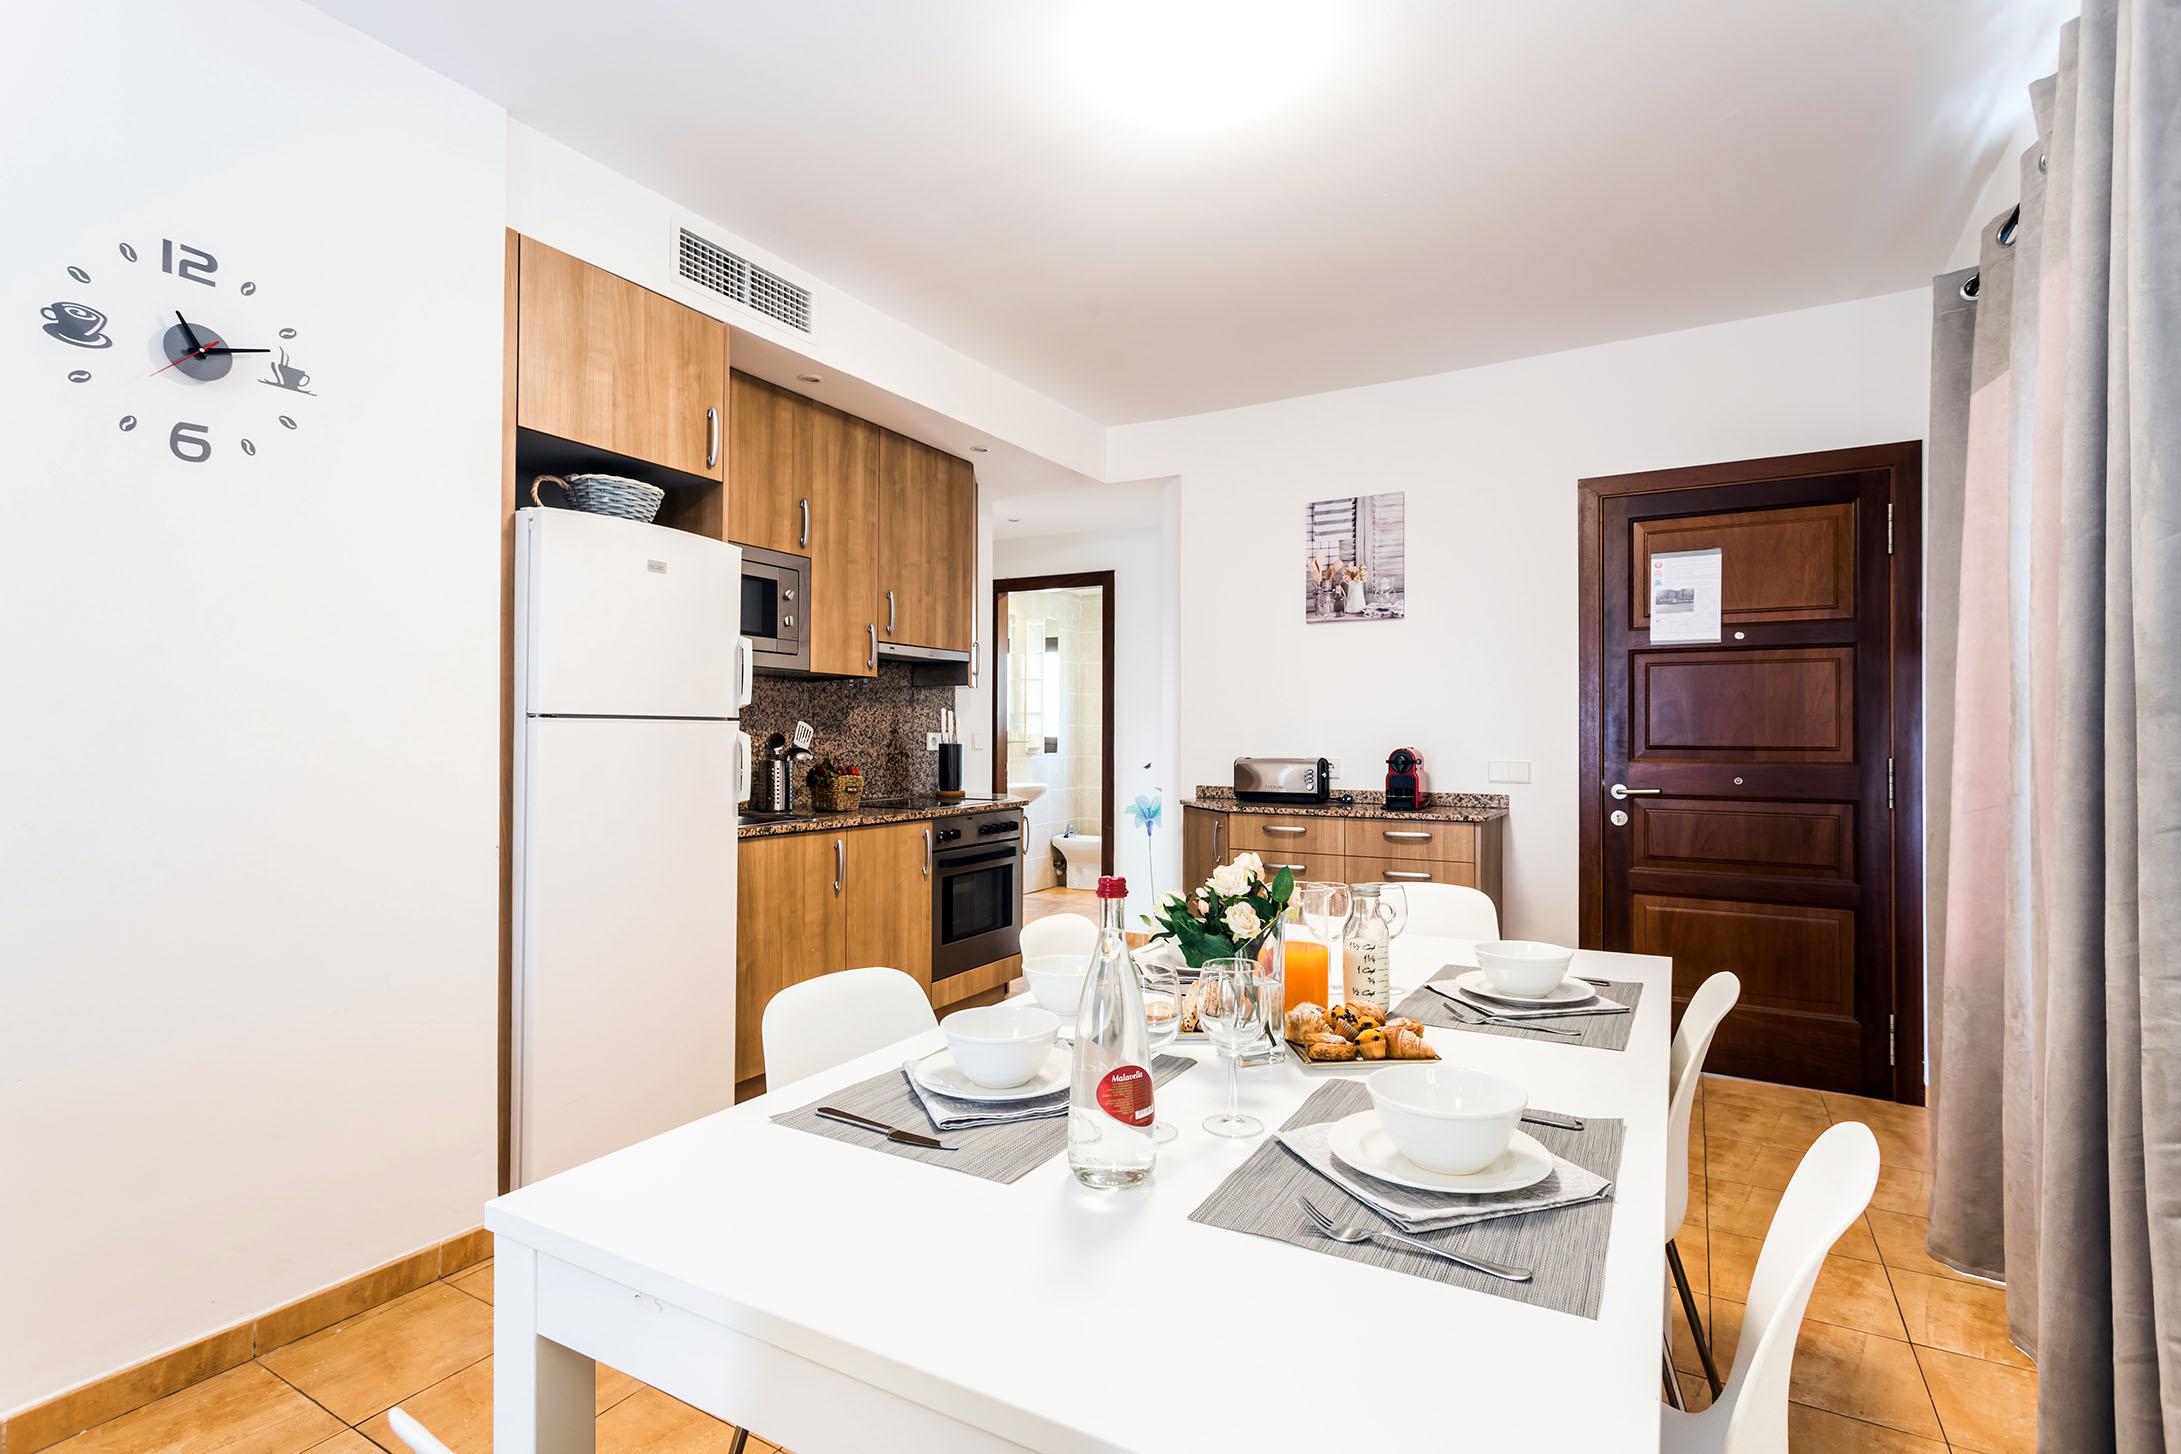 Mallorca-Suites-Apartamento-Terraza-Palma-de-Mallorca-Comedor-Cocina-1